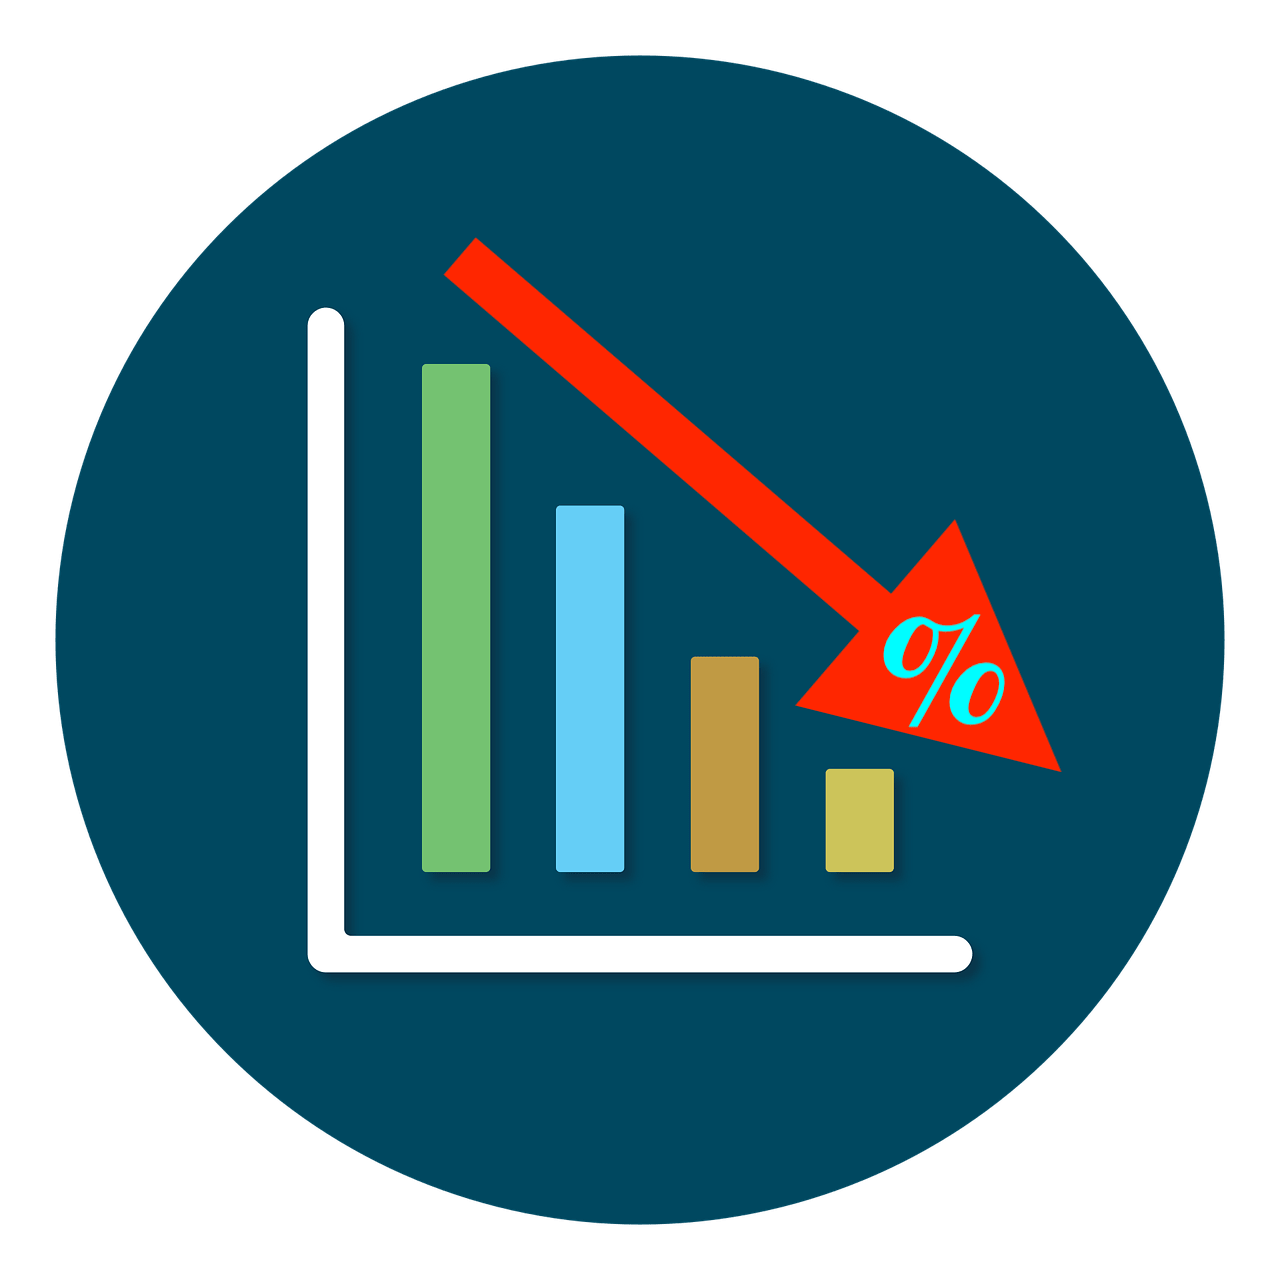 снизить ставки по ипотеке